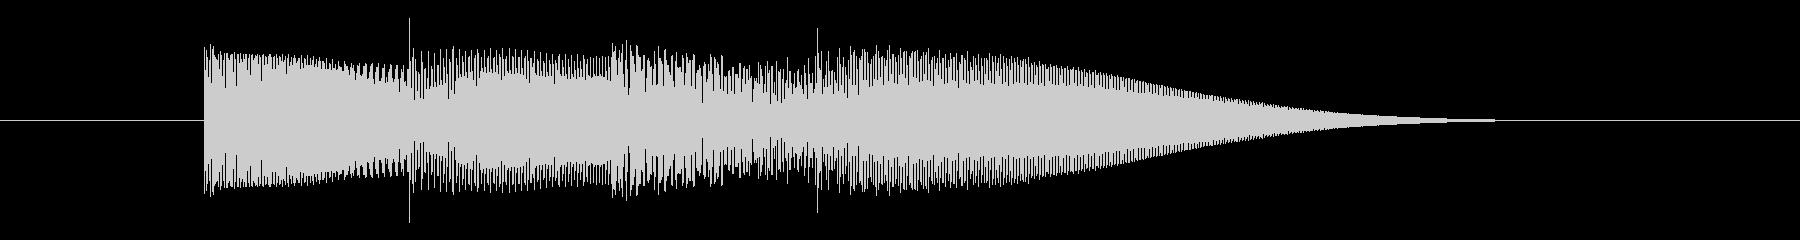 ピコピコ(コンピューター系電子音)の未再生の波形